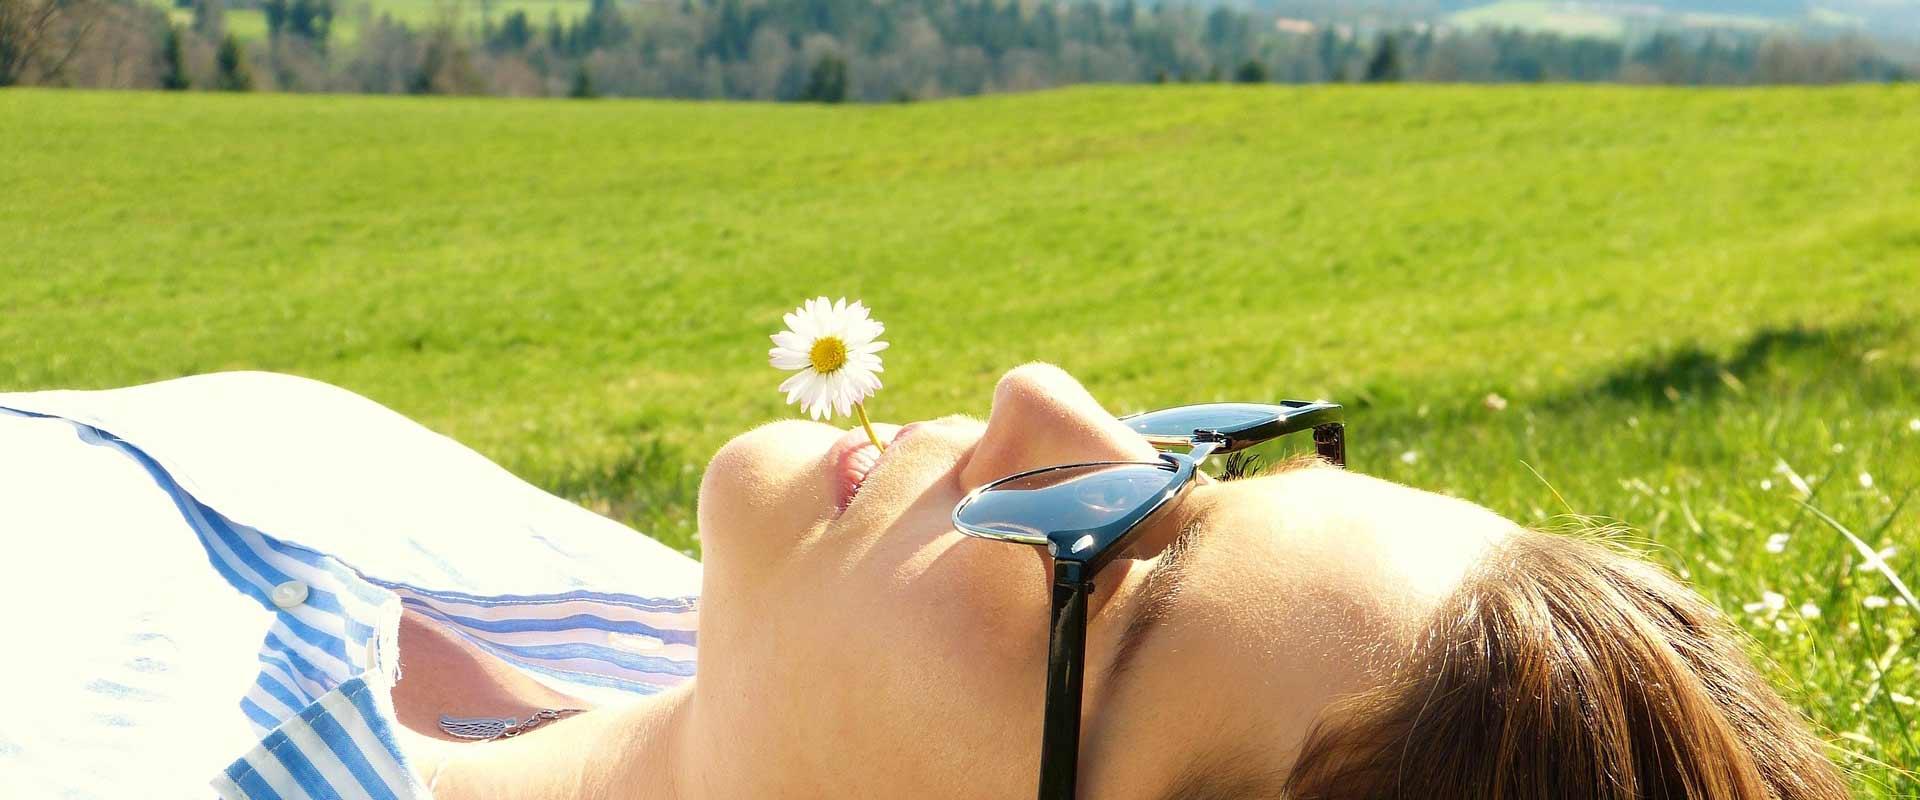 Rilassarsi nella natura giornata relax benessere B&B & Meditation Center Zorba il Buddha Passerano Marmorito Asti